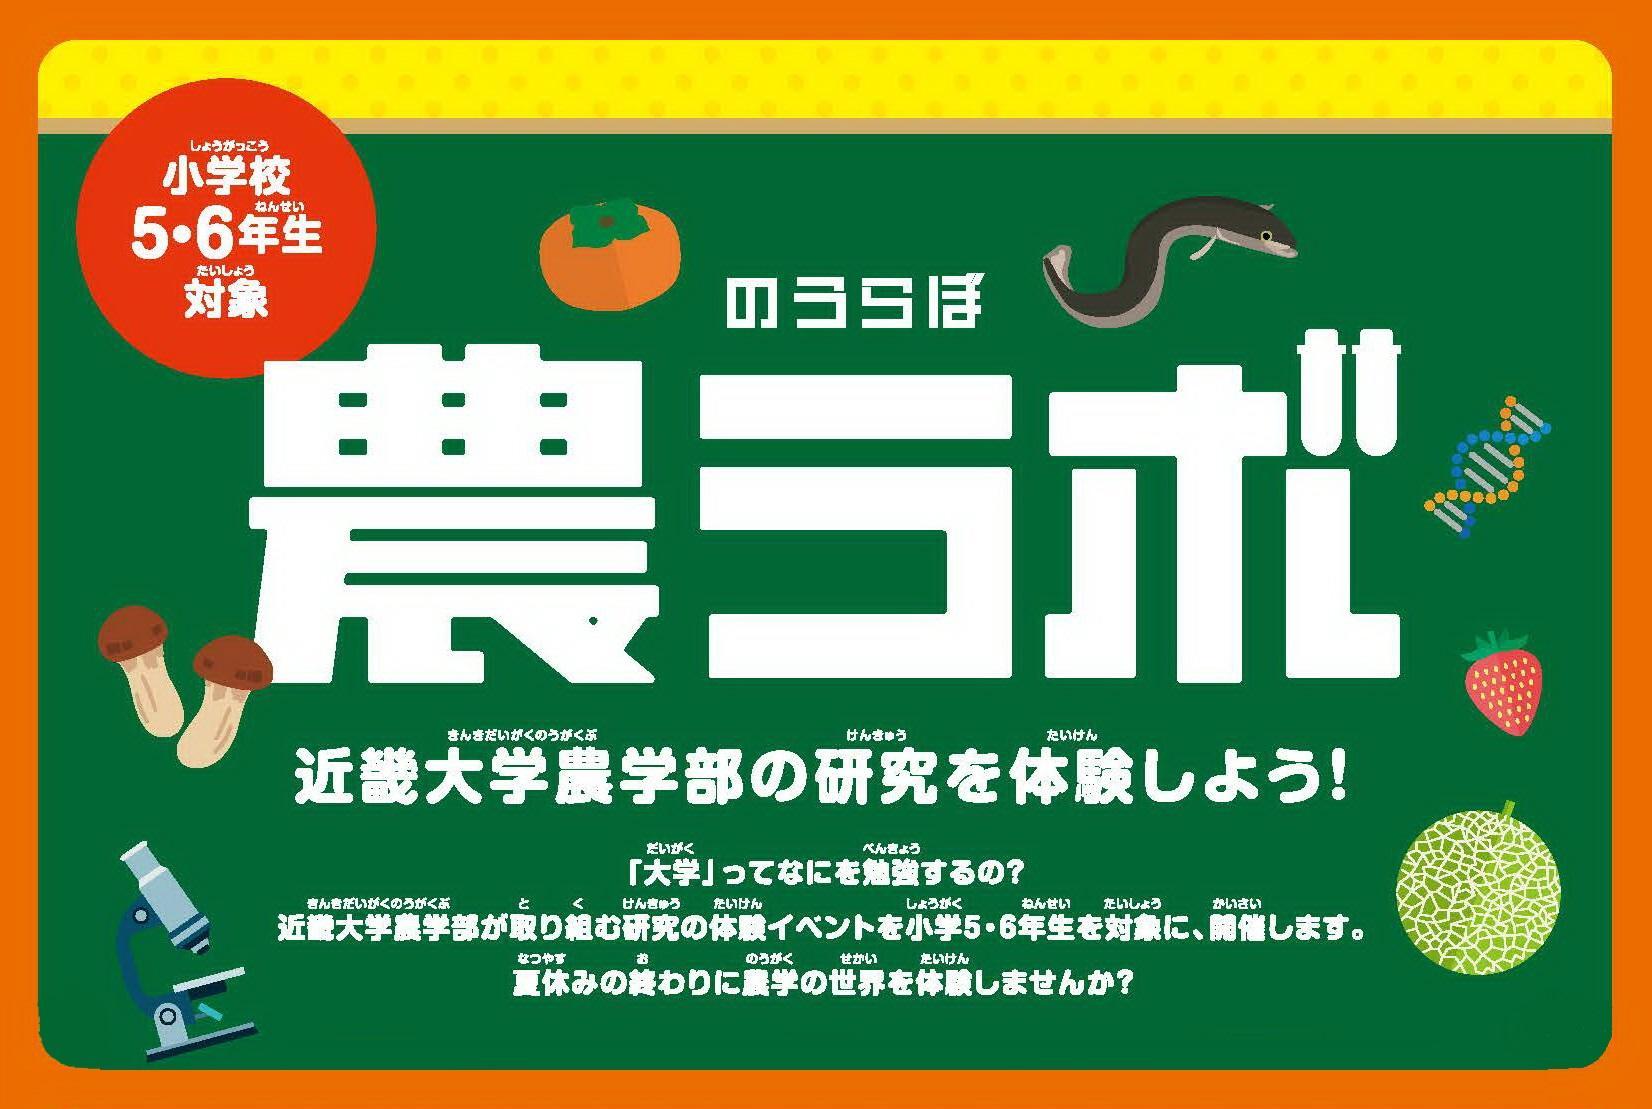 近畿大学農学部の研究を体験しよう!